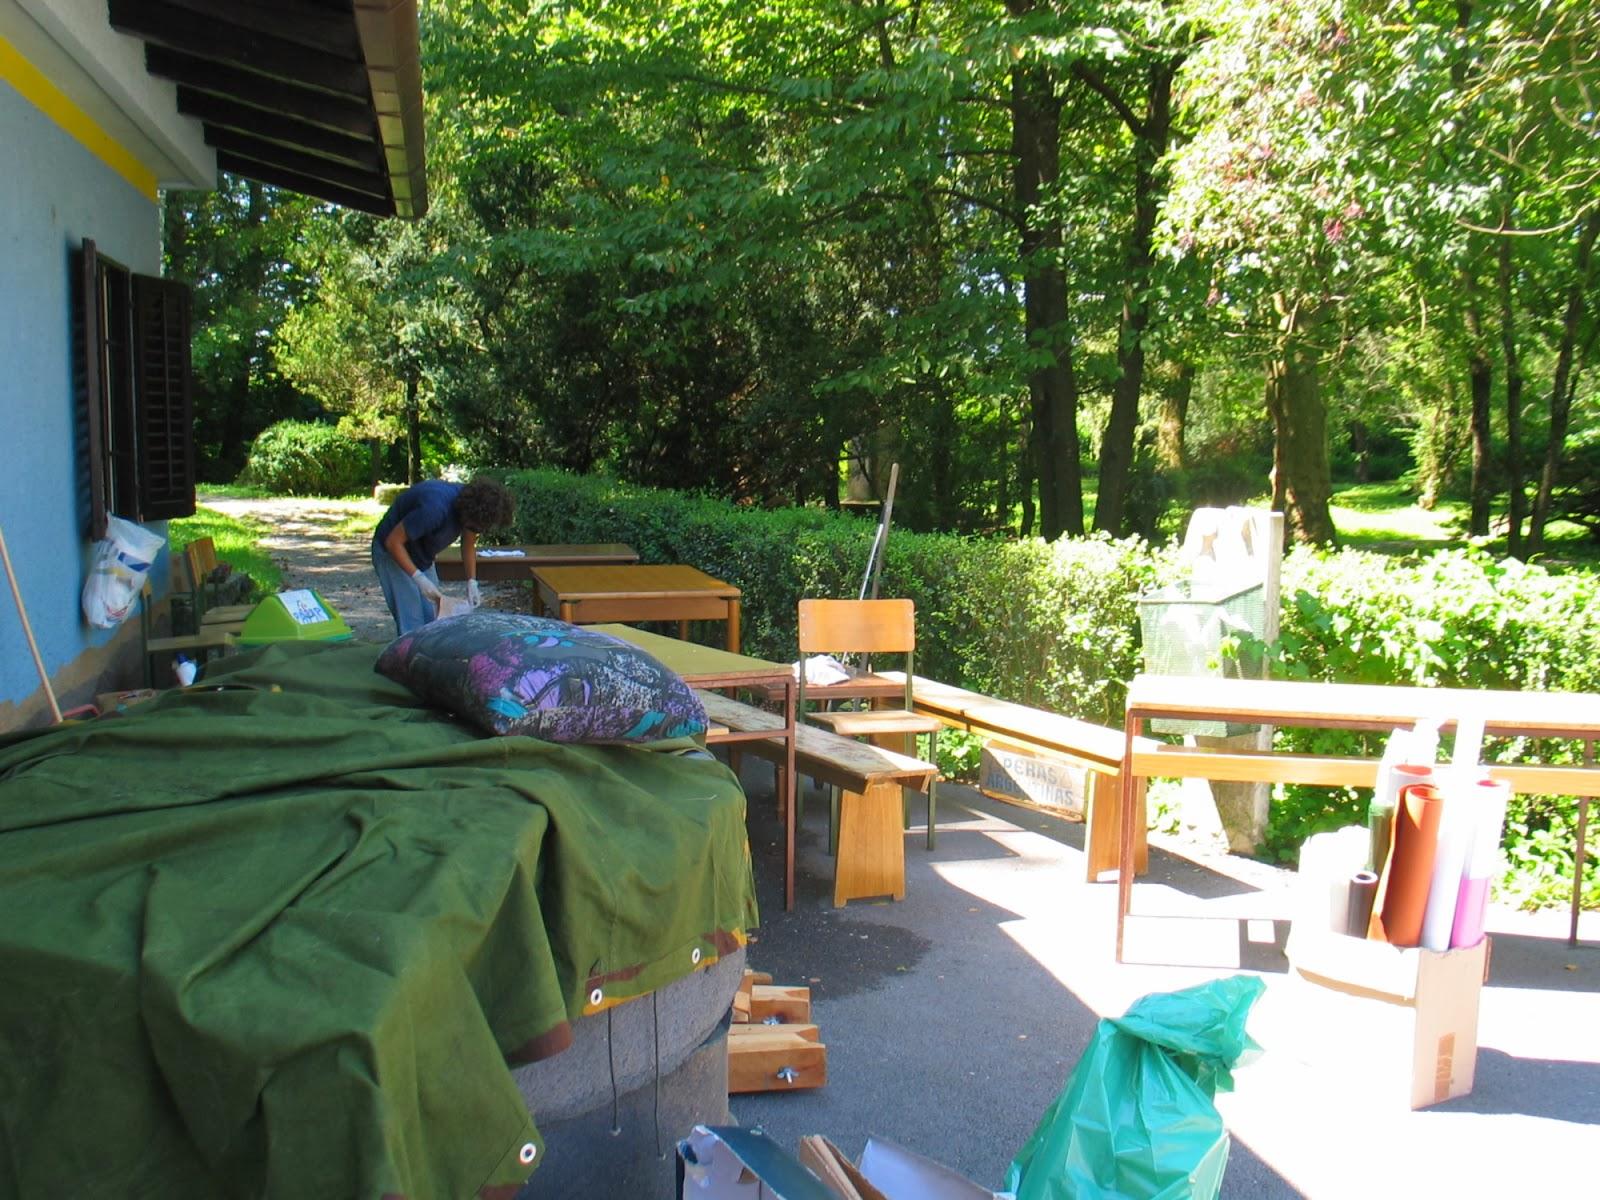 Pucanje taborniške, Ilirska Bistrica 2005 - pucanje%2Btaborni%25C5%25A1ke%2B%252818%2529.jpg